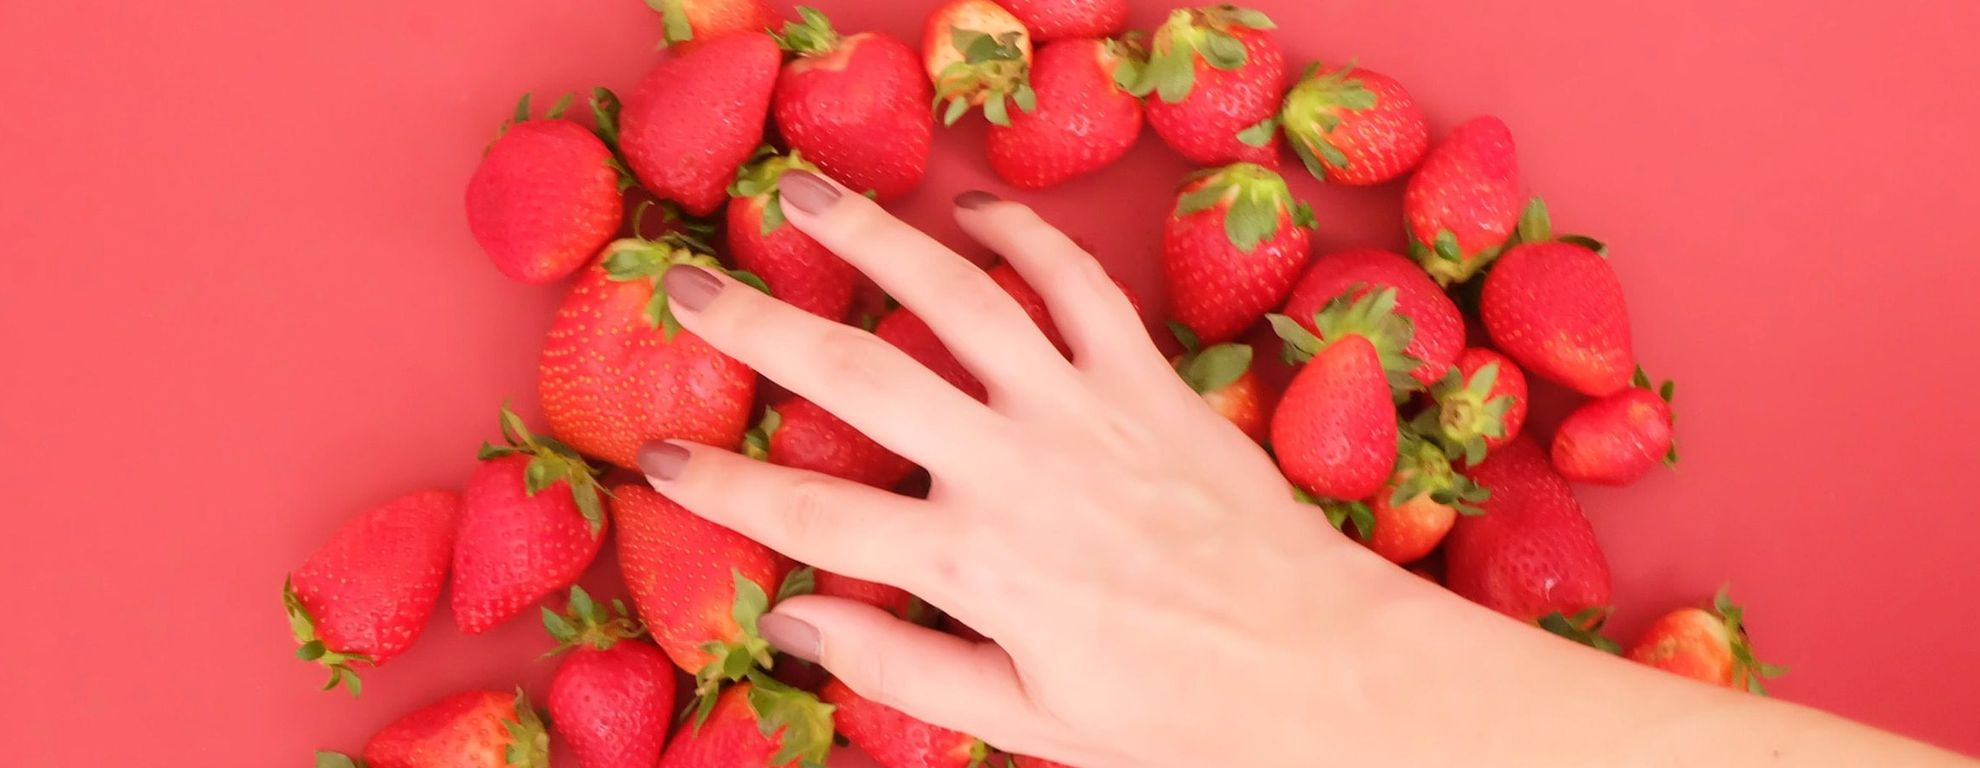 12 alimentos afrodisíacos que potencian el desempeño sexual - Featured image